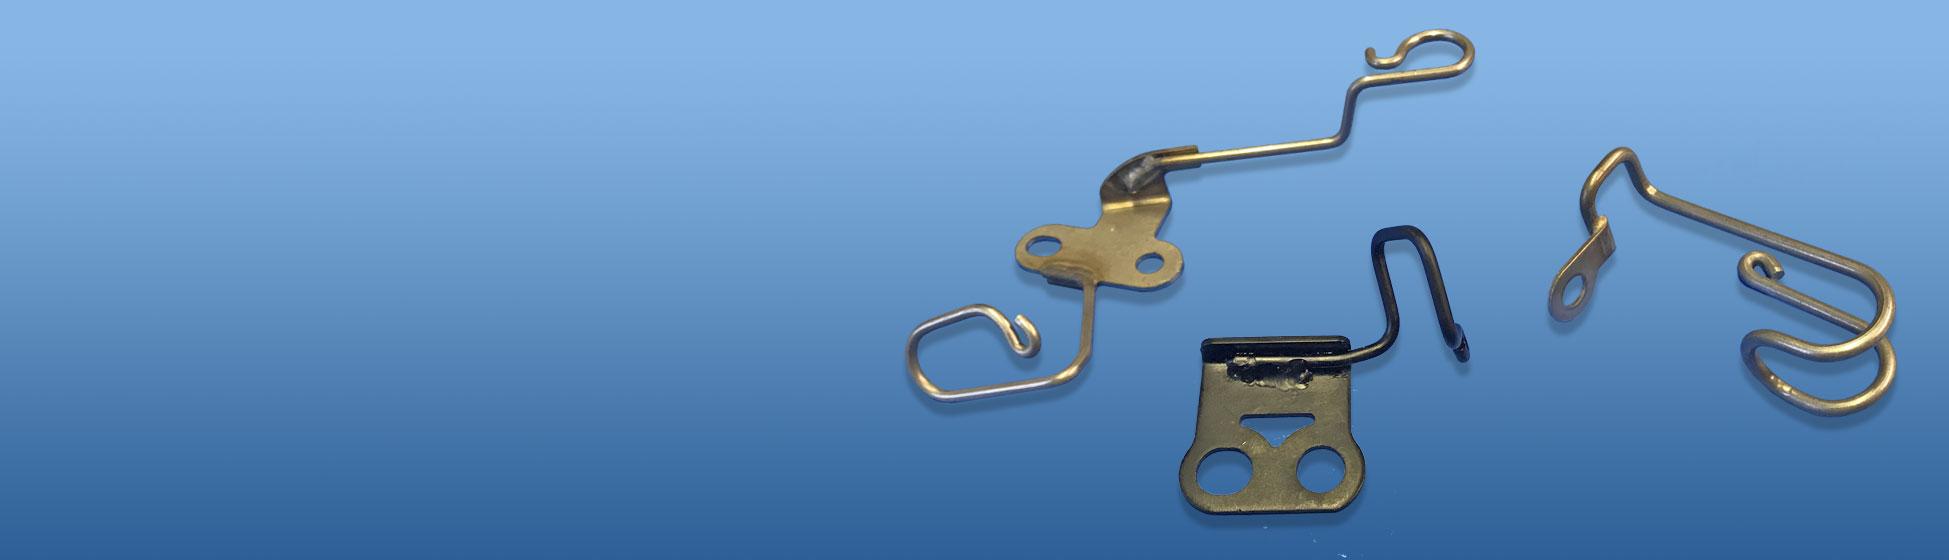 Protaform welding